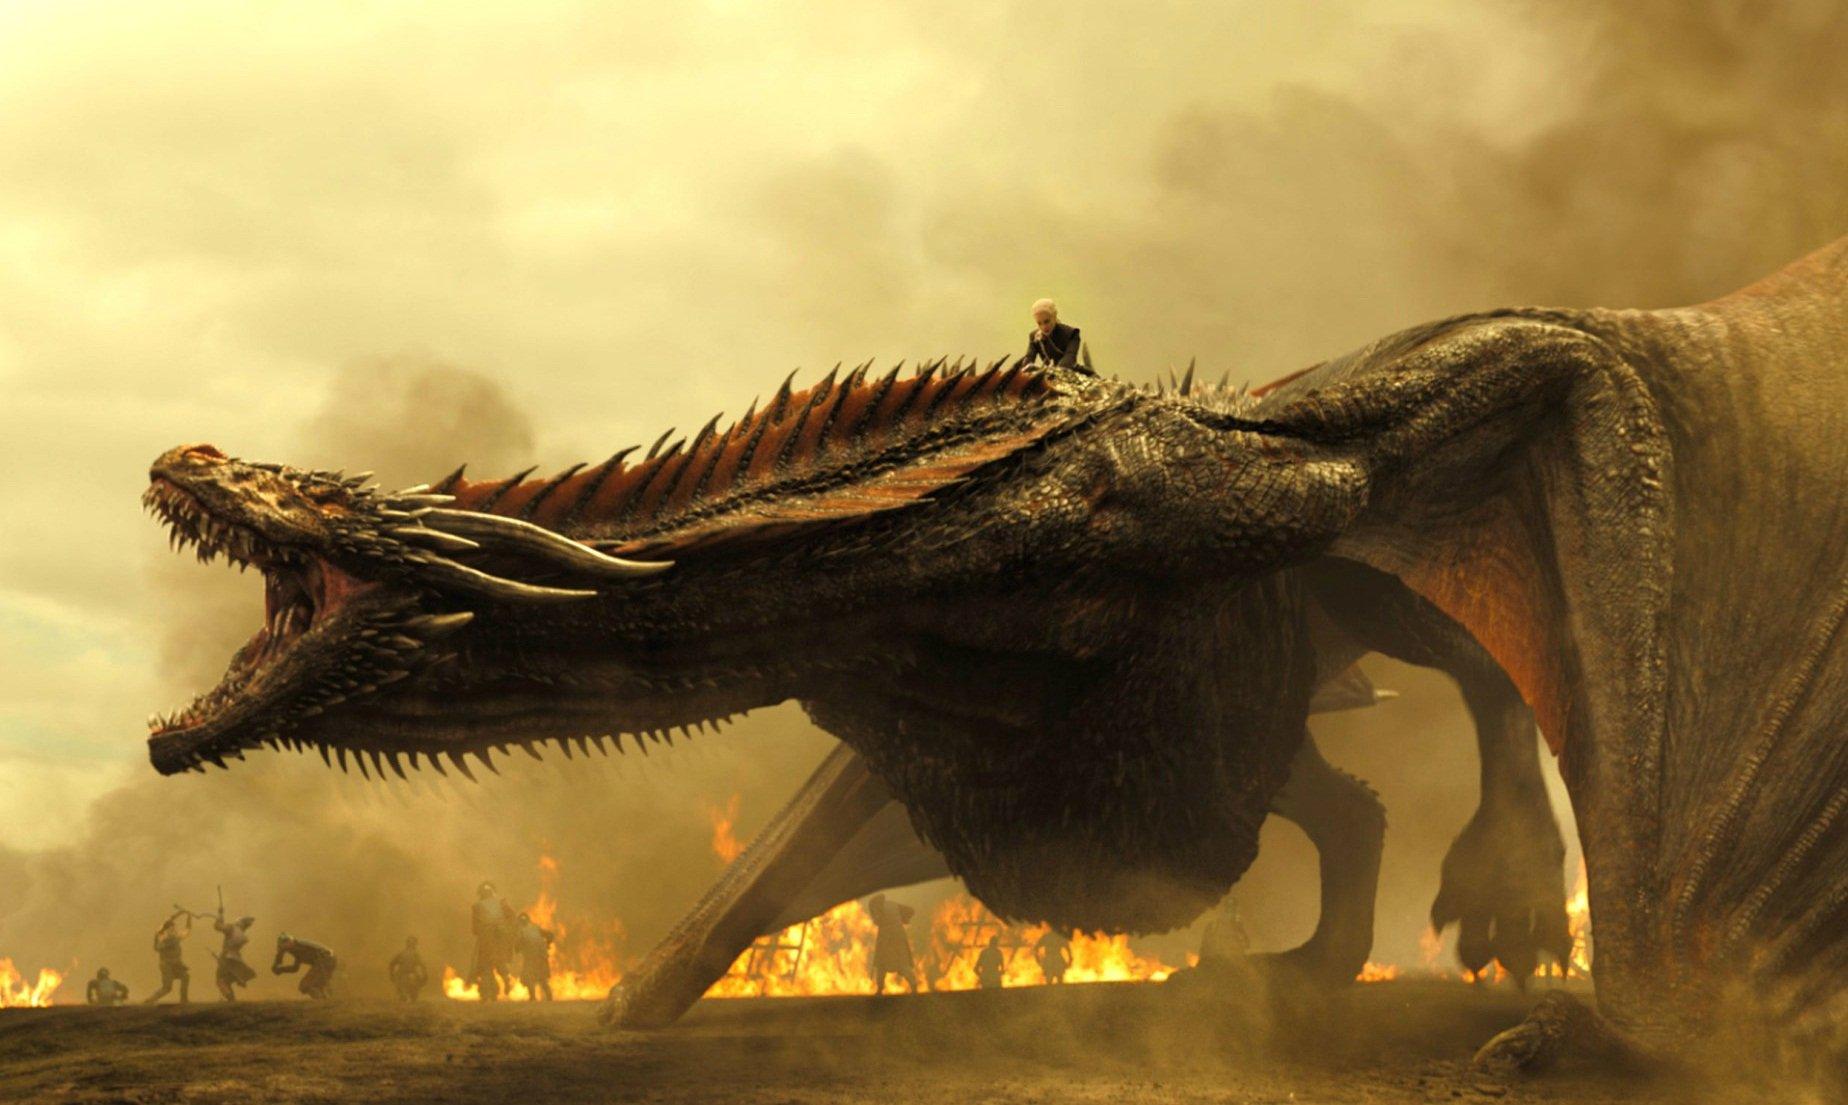 Дракона из«Игры престолов» озвучили стонами занимающейся сексом черепахи